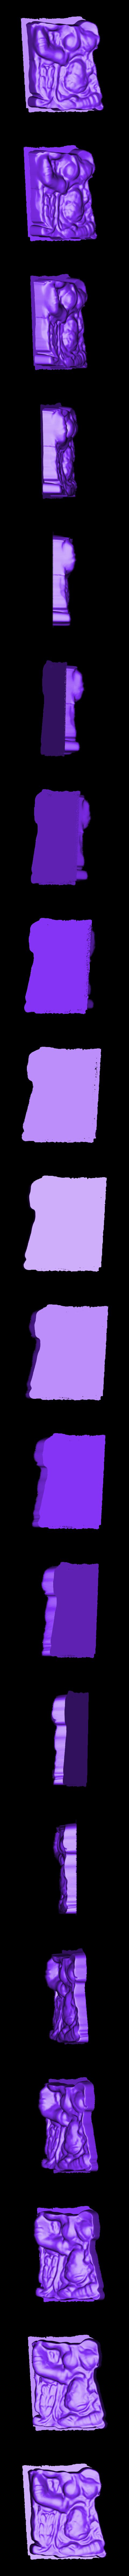 Yakshi.stl.stl Télécharger fichier STL gratuit Déité de l'Esprit de l'arbre (Yakshi) • Objet imprimable en 3D, metmuseum